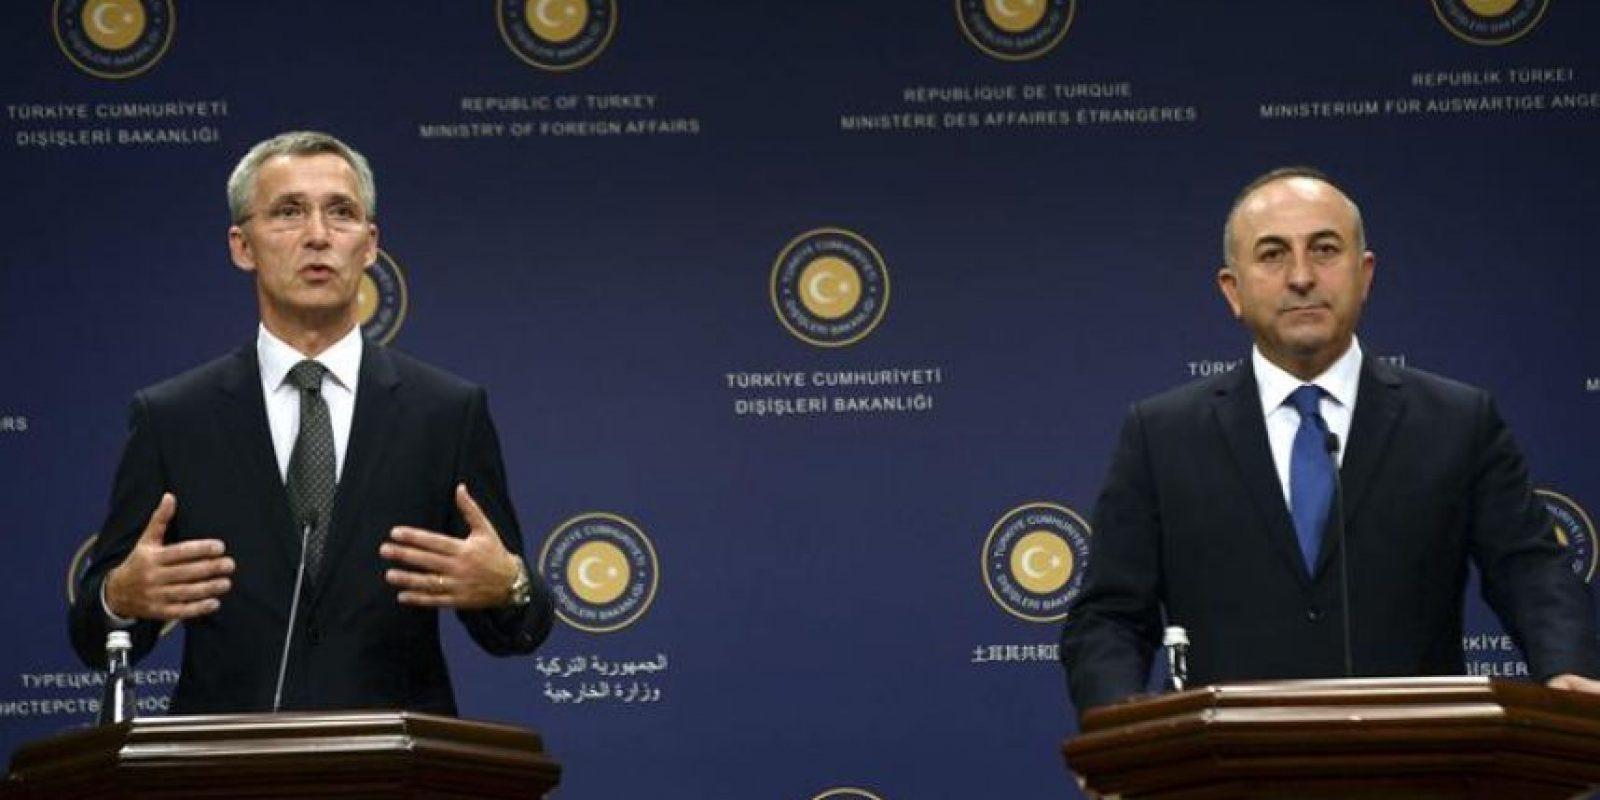 El nuevo secretario general de la OTAN, Jens Stoltenberg (i), el ministro turco de Exteriores, Mevlut Cavusoglu, comparecen en rueda de prensa tras su reunión hoy en Ankara (Turquía). EFE